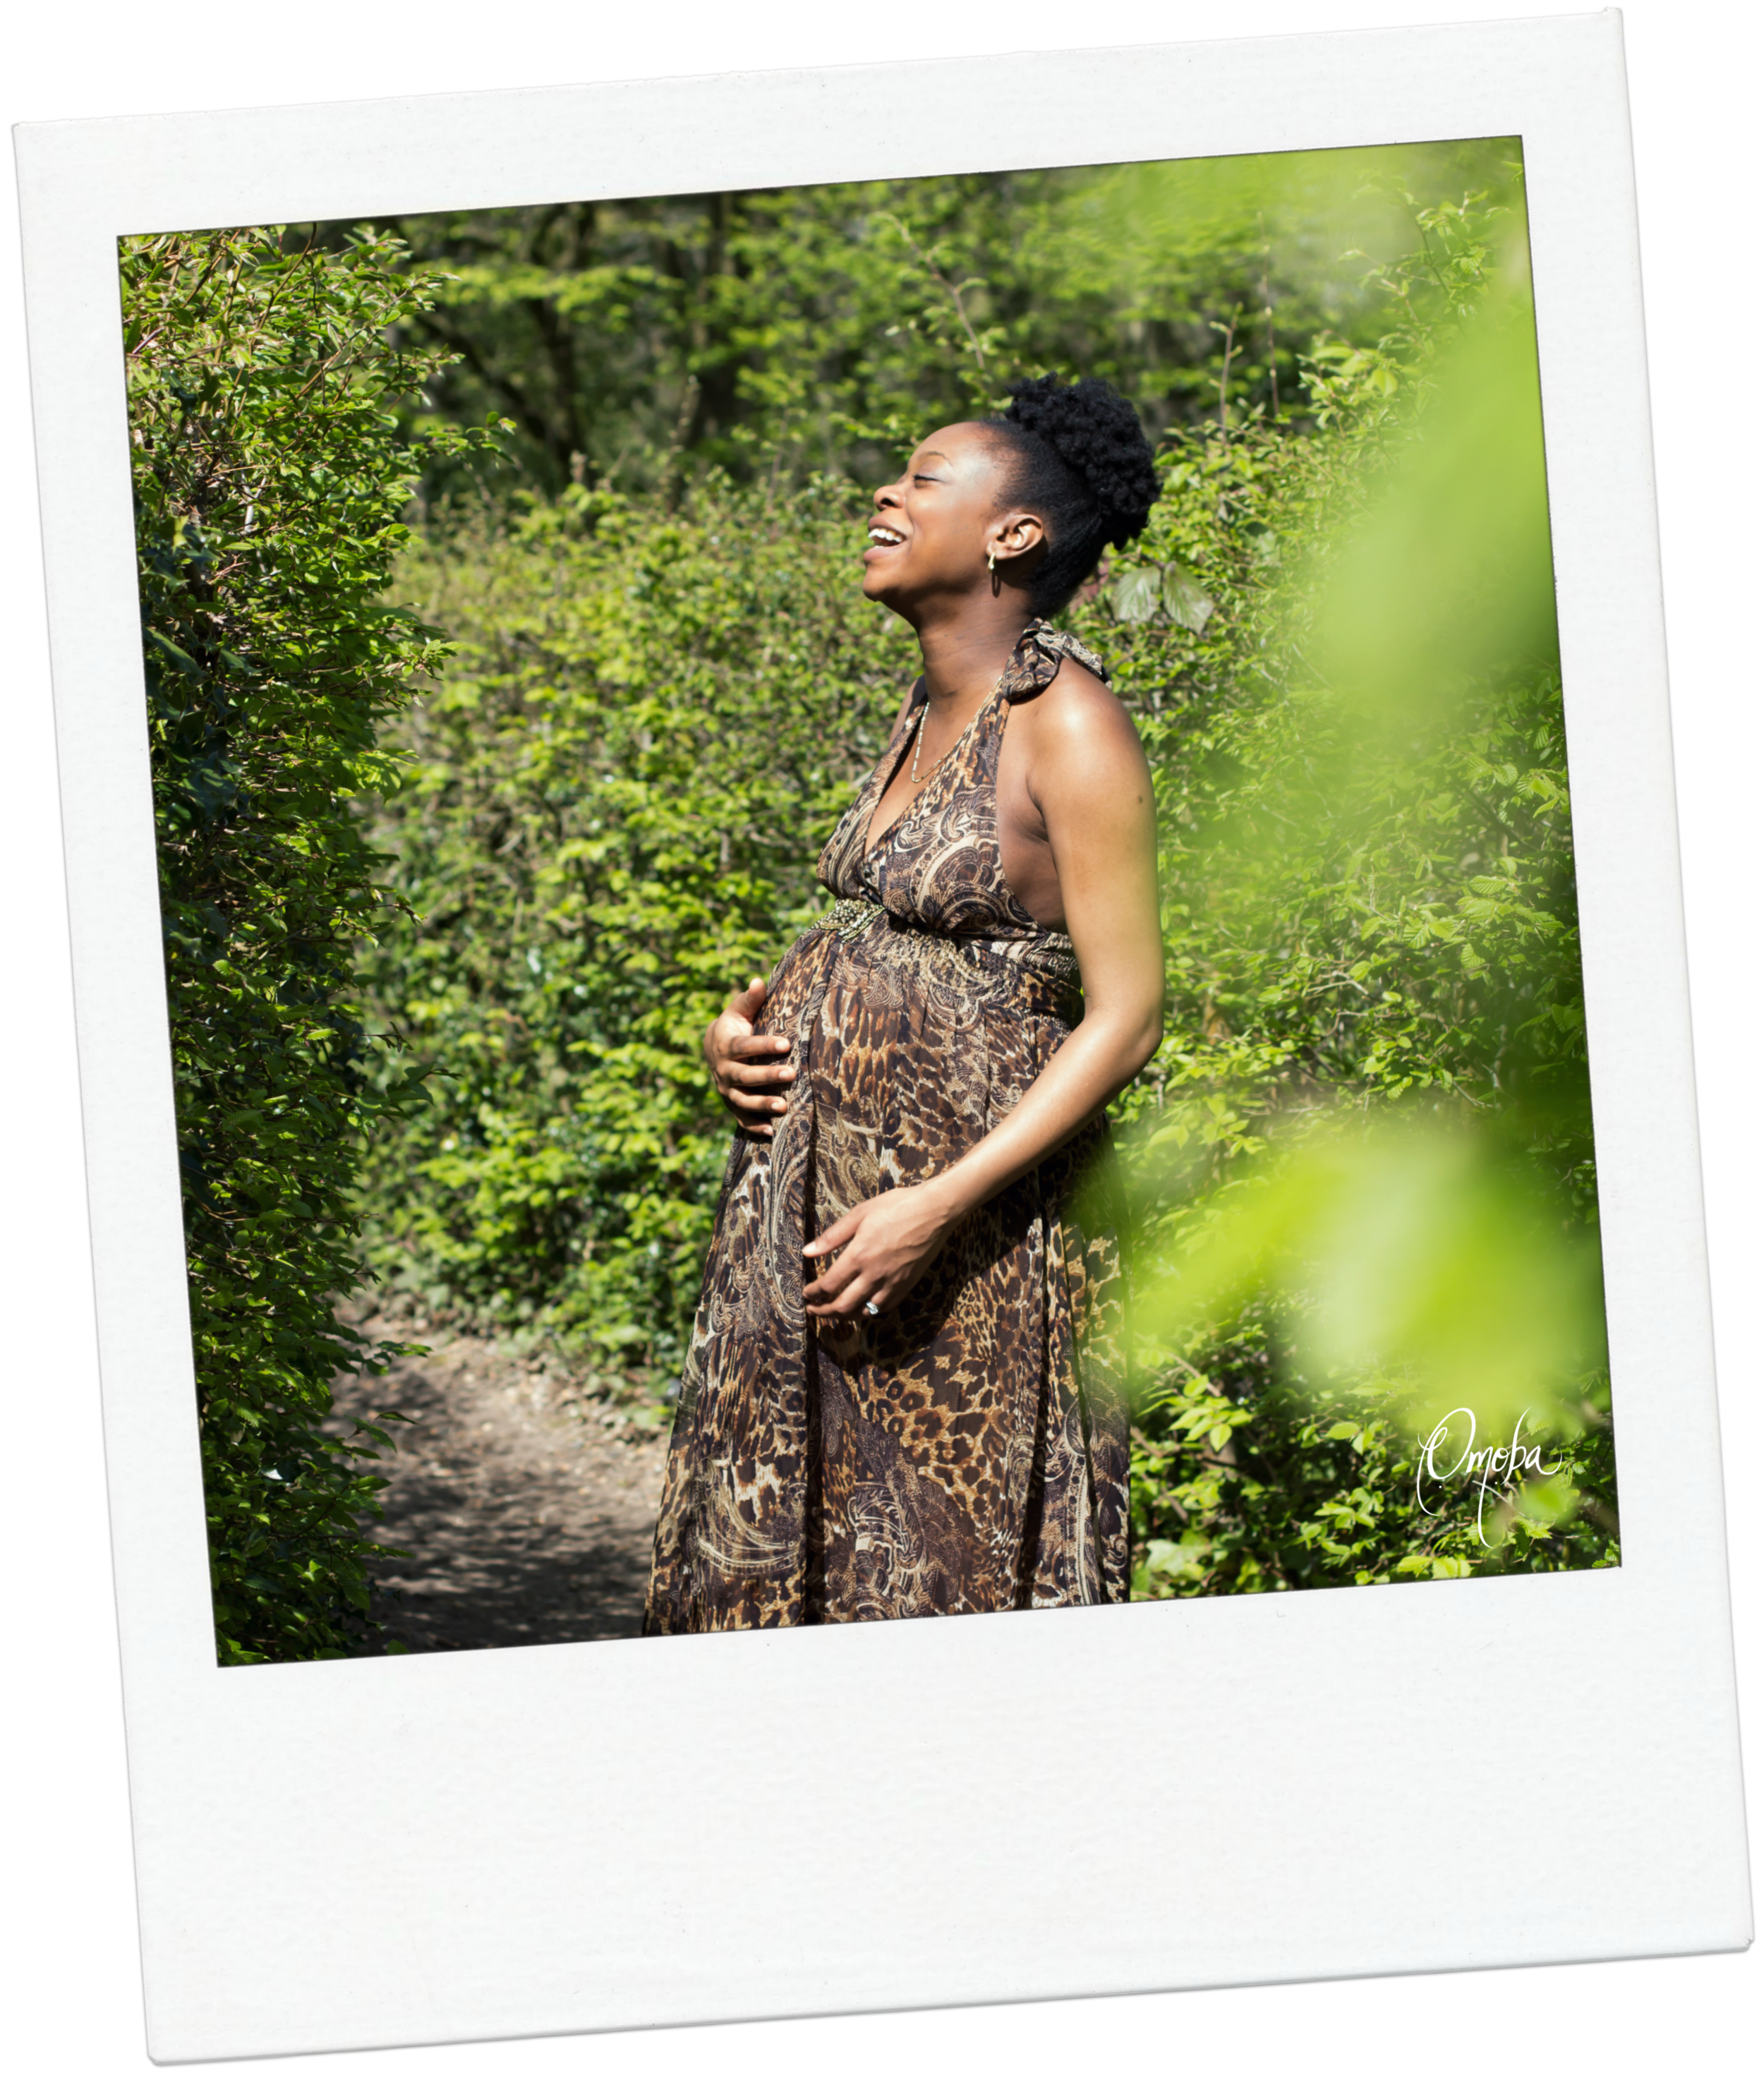 Anu Maternity-8091 wm.png